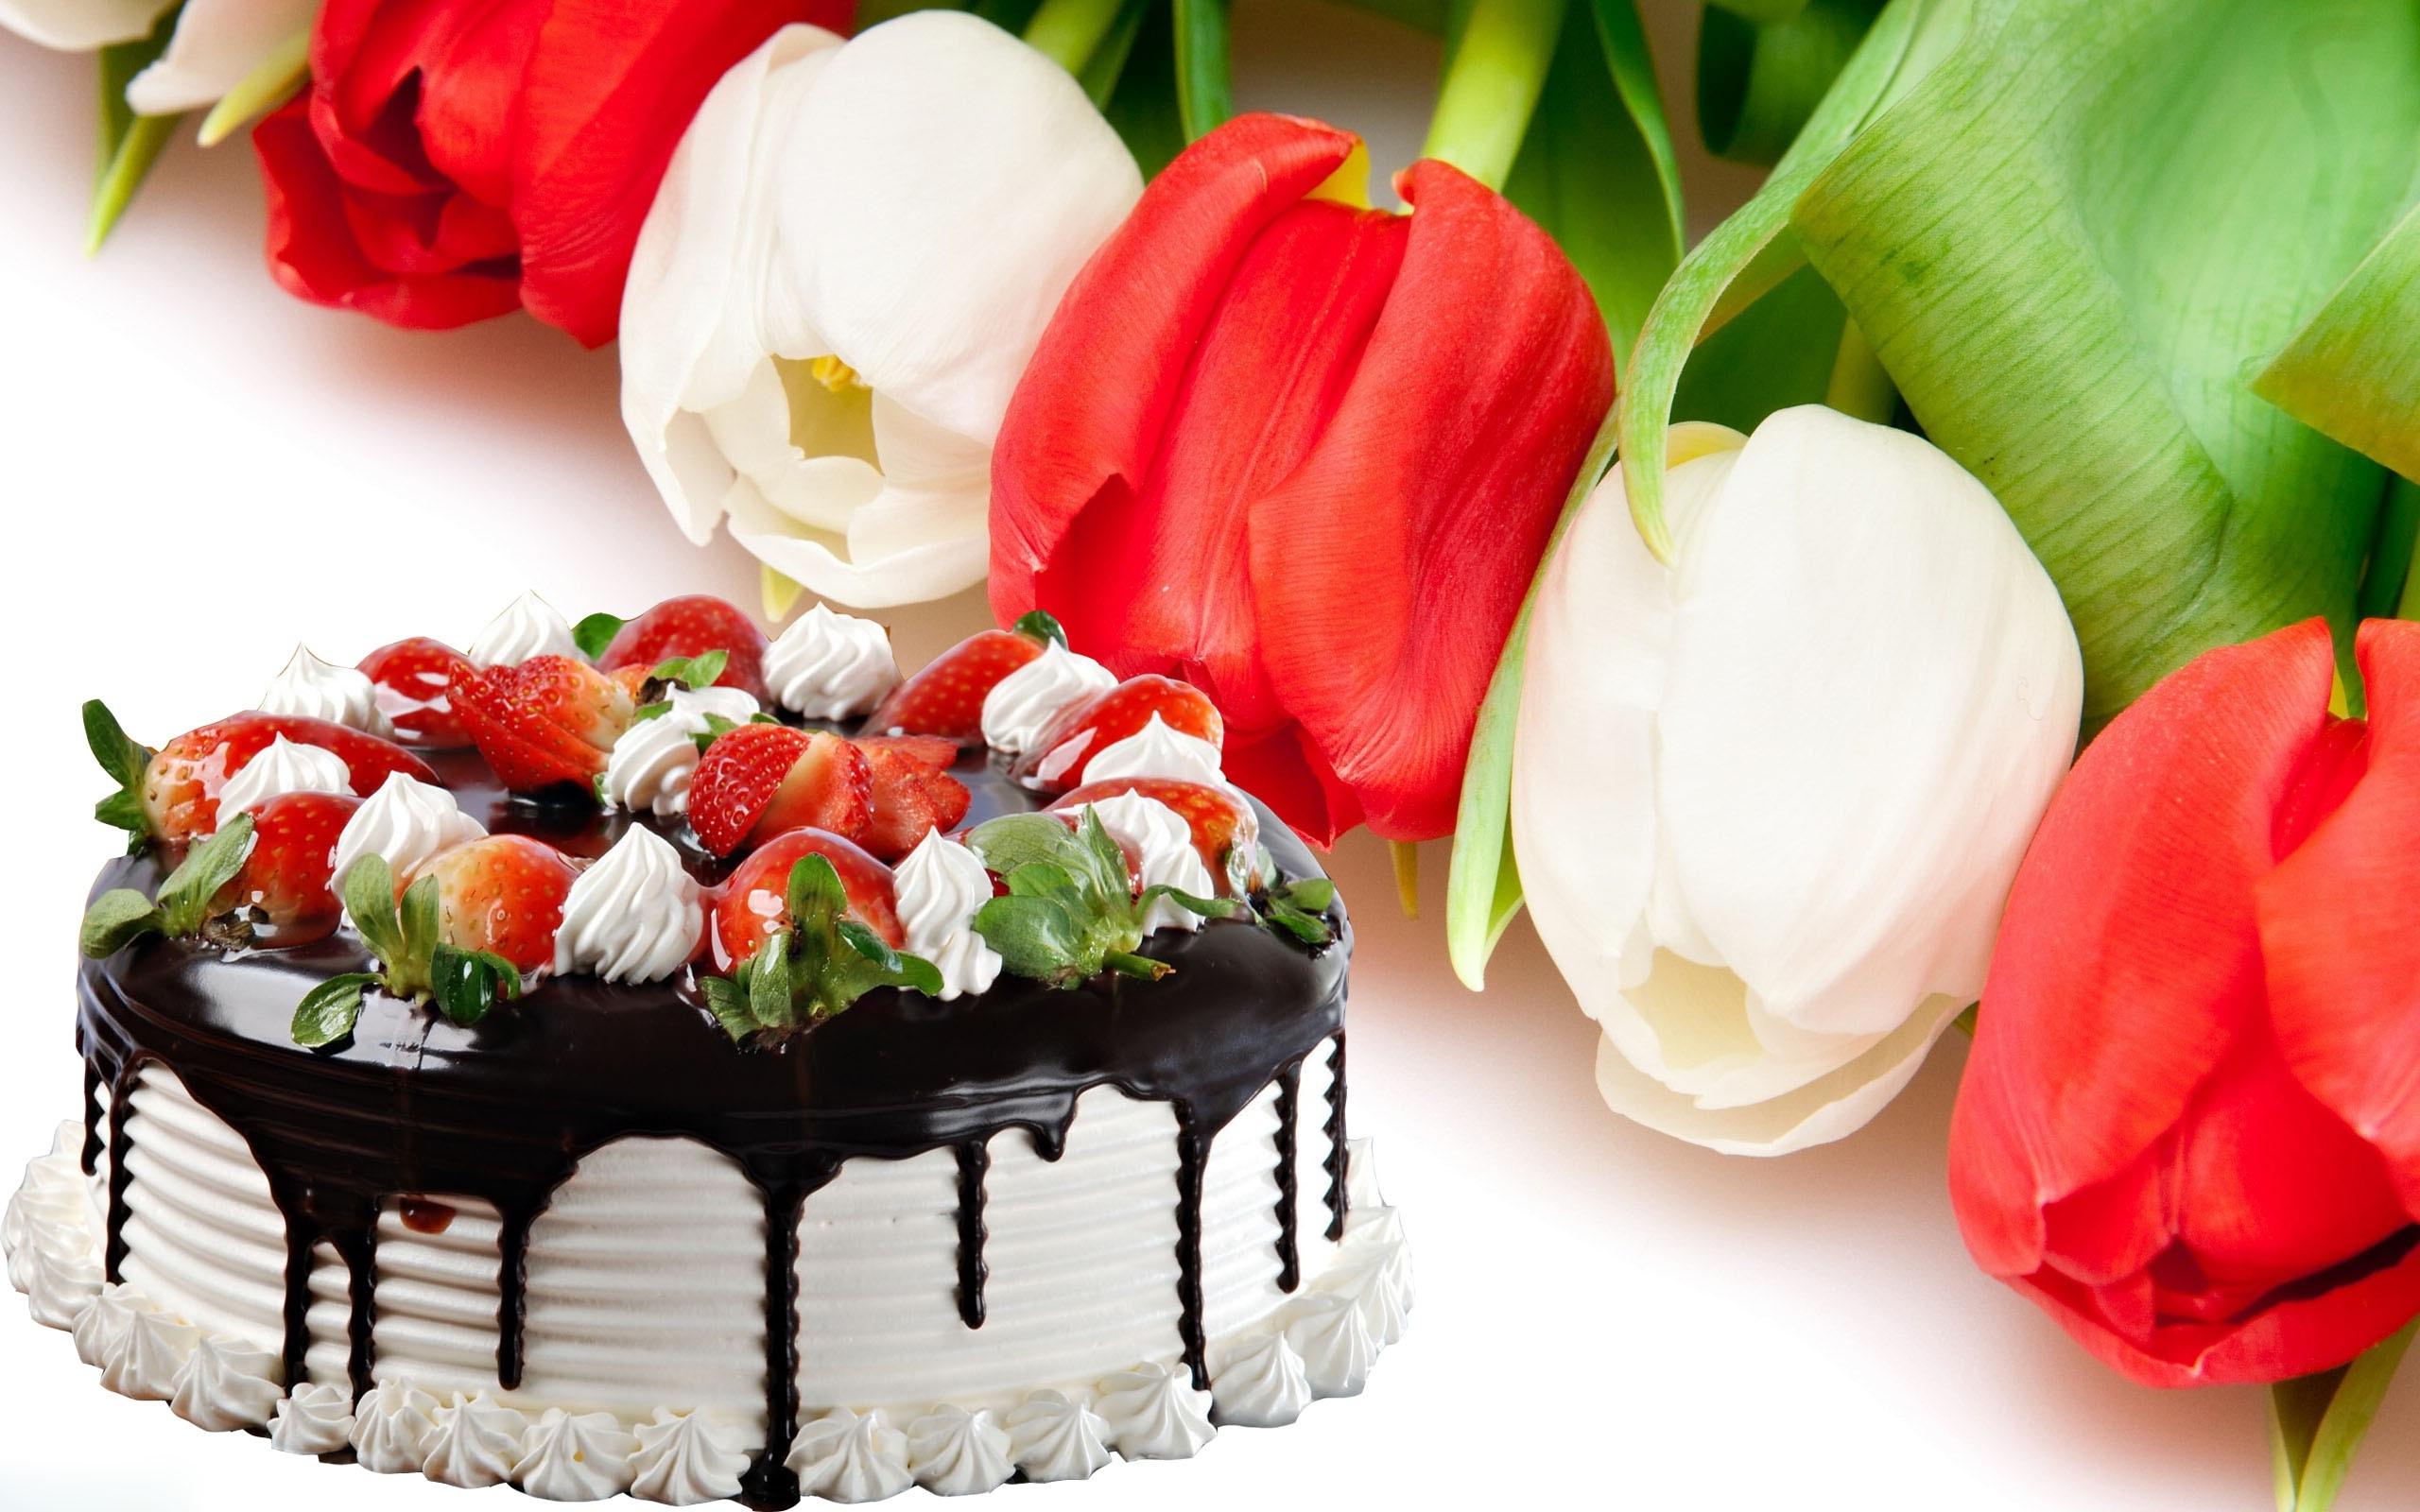 Happy Birthday Flowers Free 2560x1600 Wallpaper Teahub Io